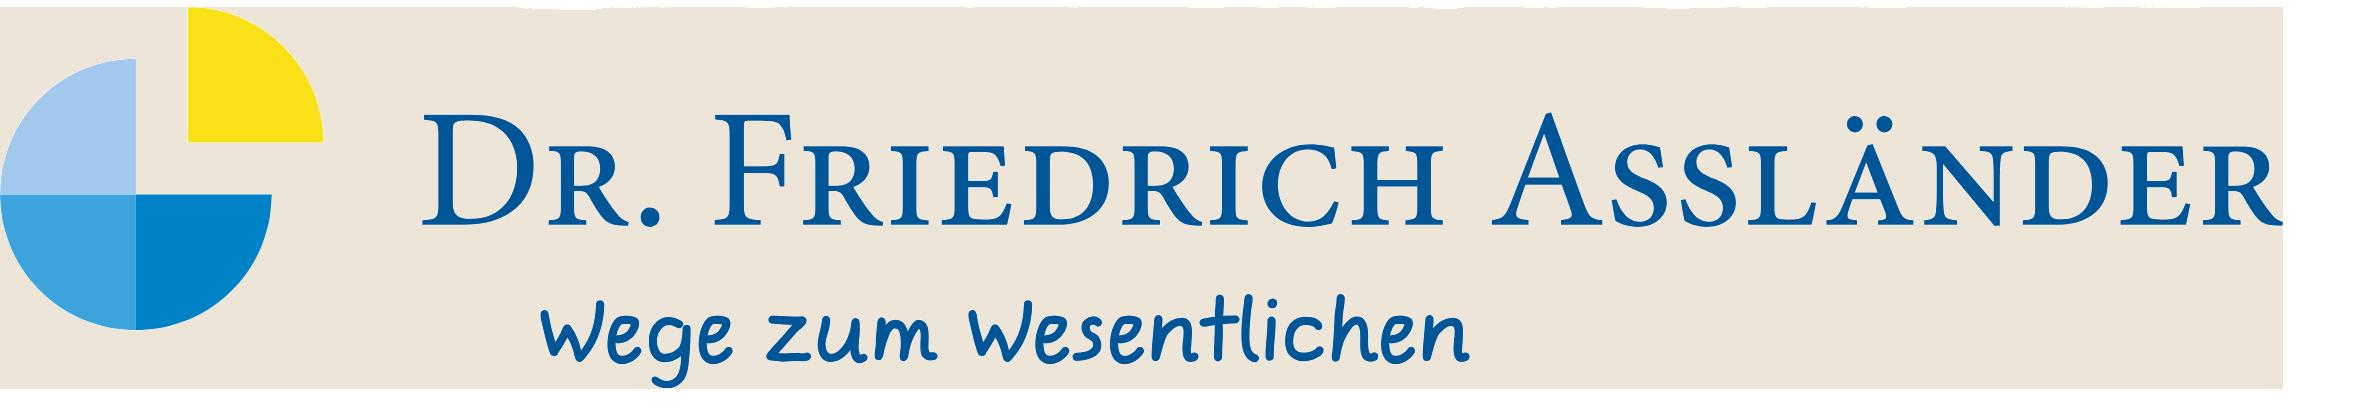 Dr. Friedrich Assländer